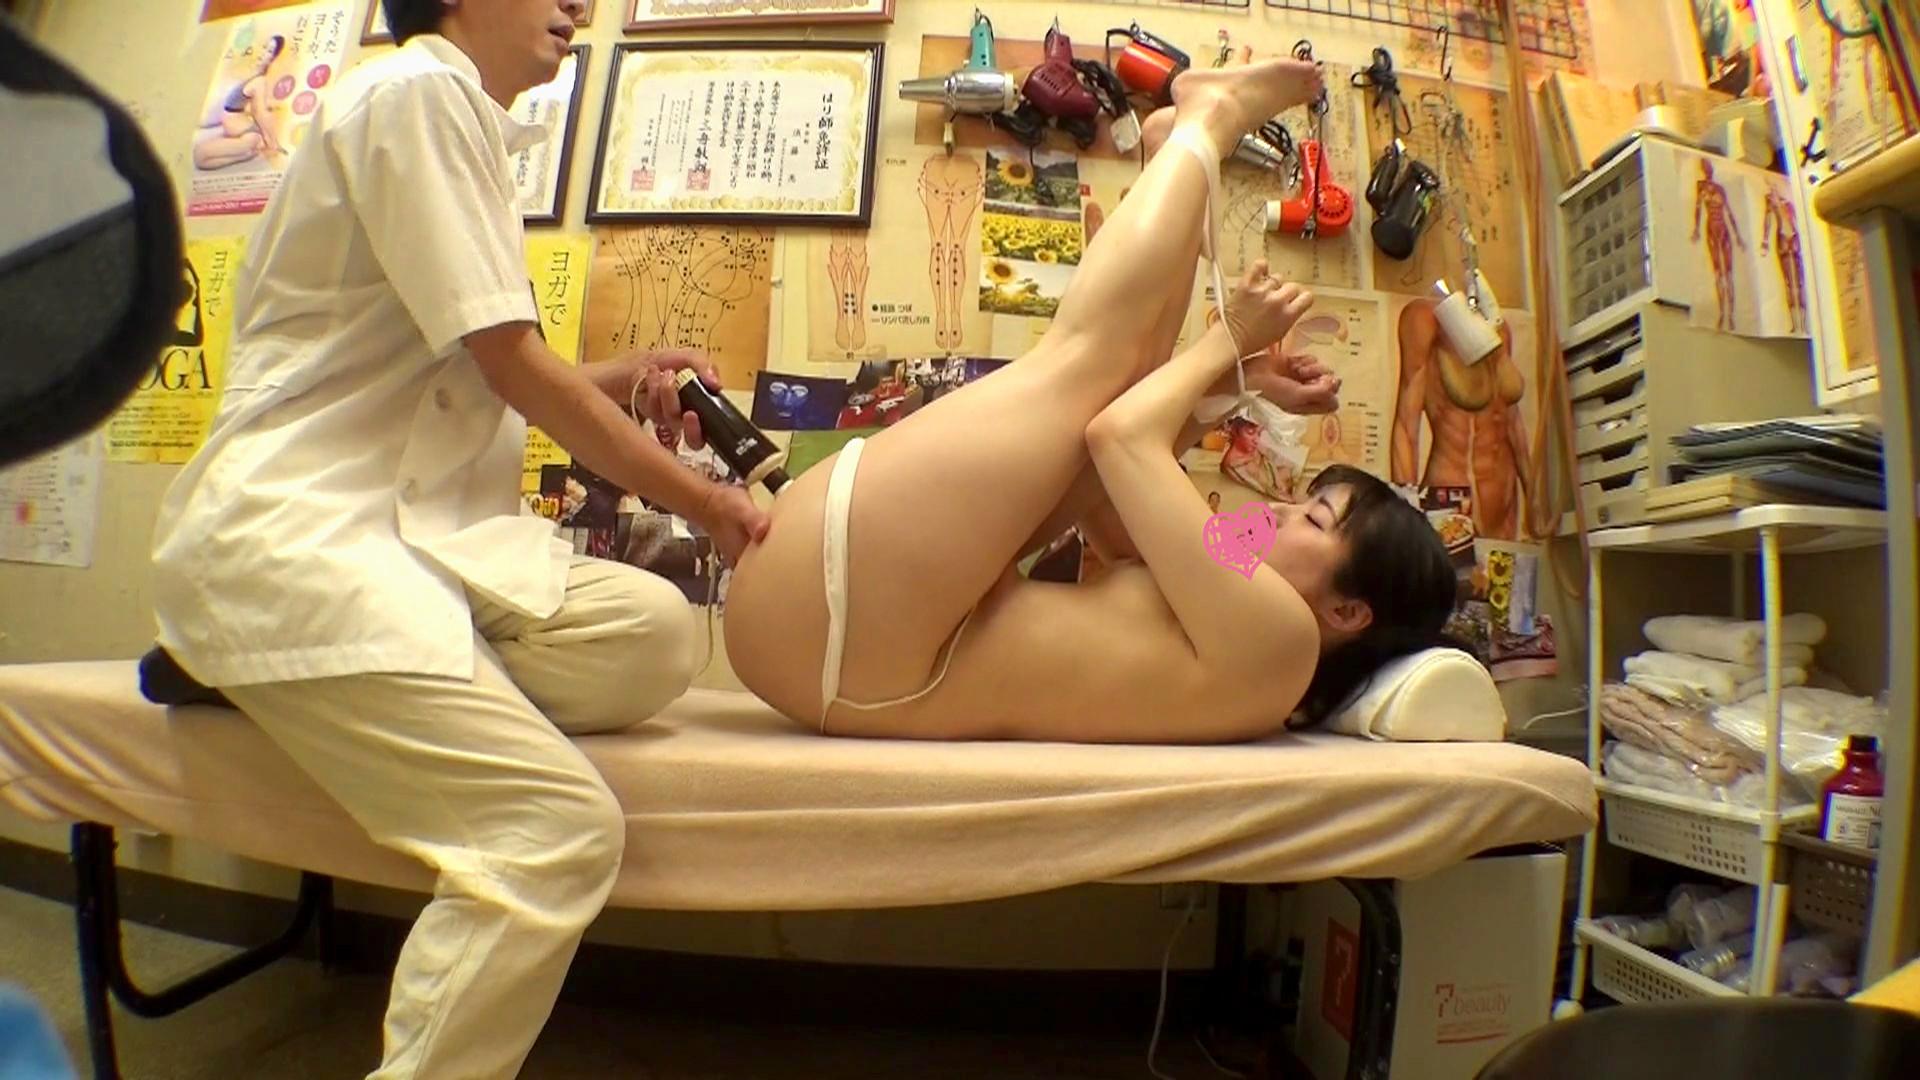 鍼灸院すどう盗撮り下ろし 5 いい所を責めると足がピーンだね 画像3